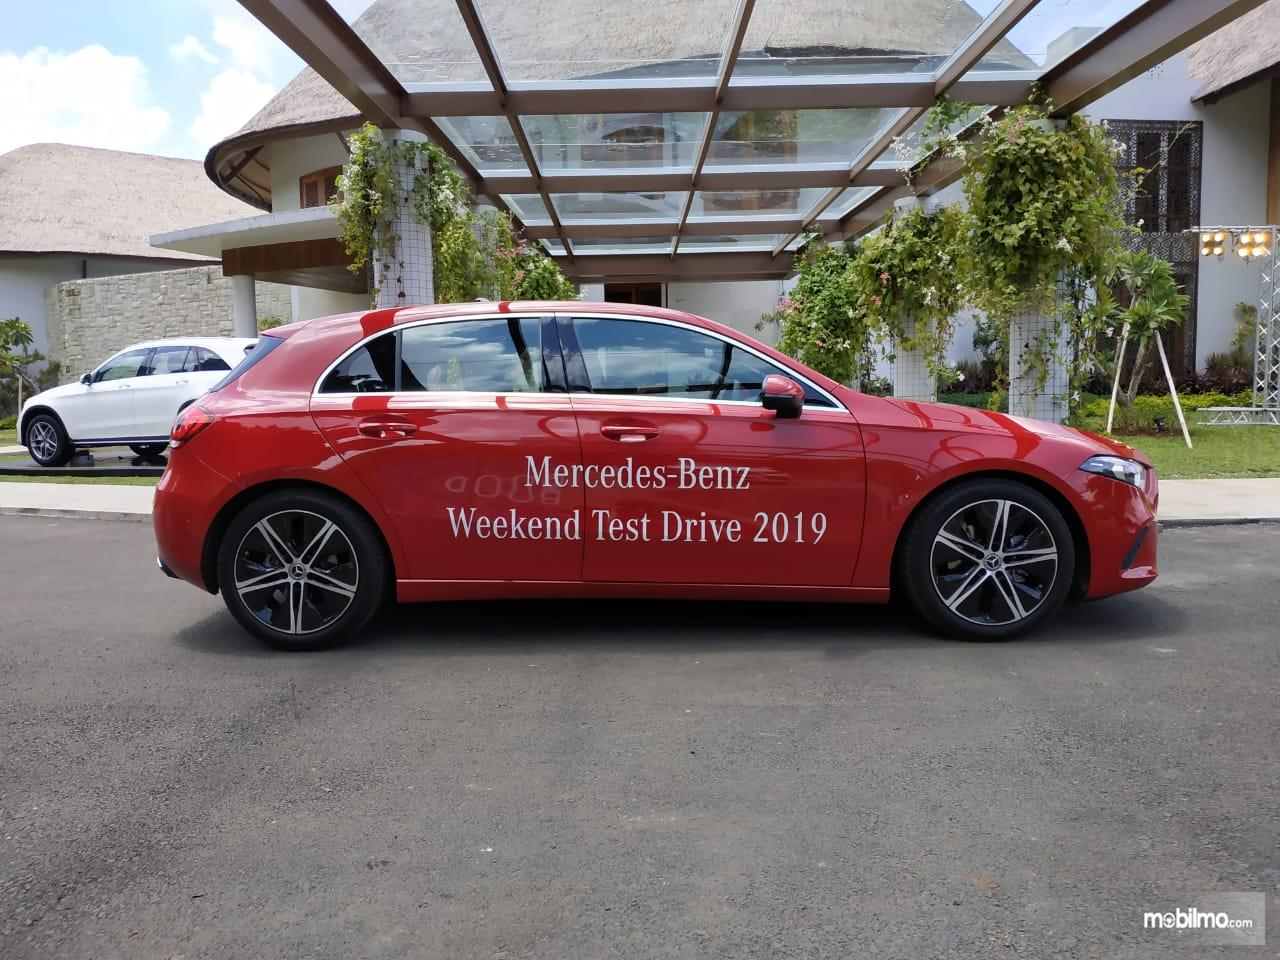 Review Mercedes-Benz A 200 Progressive Line 2019: Tampak tampilan samping Mercedes-Benz A 200 Progressive Line 2019